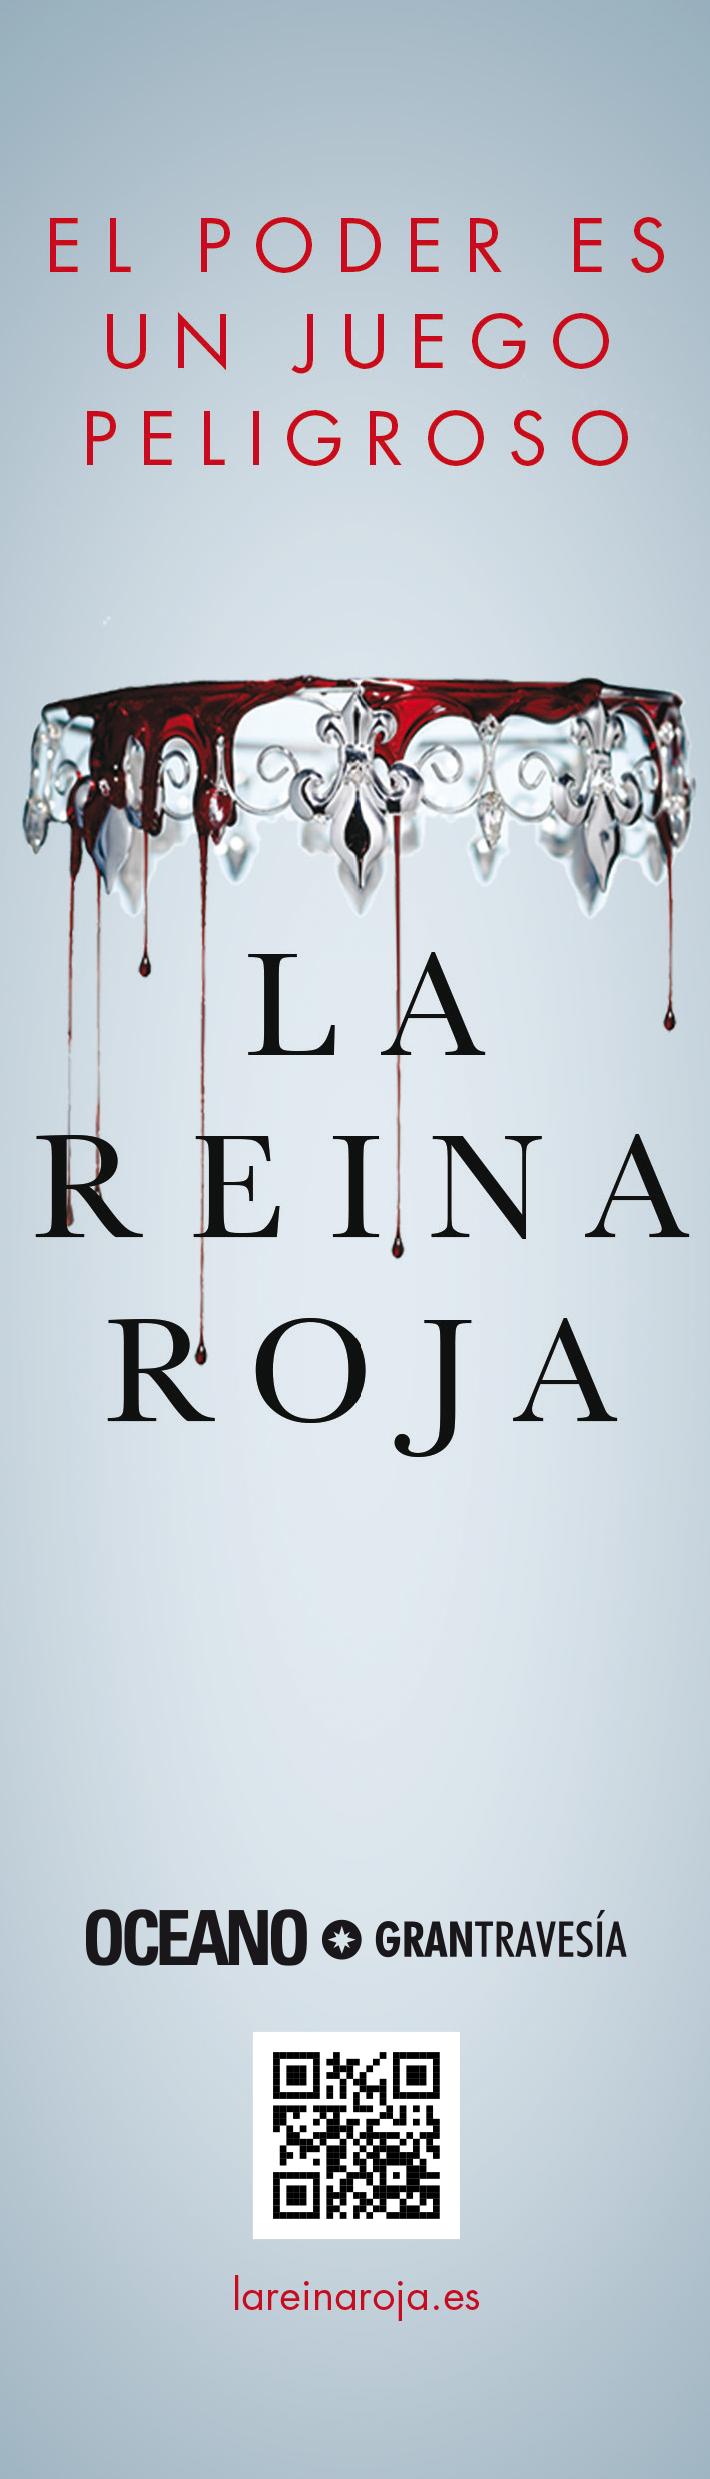 Punto-de-libro_La-Reina-Roja_1